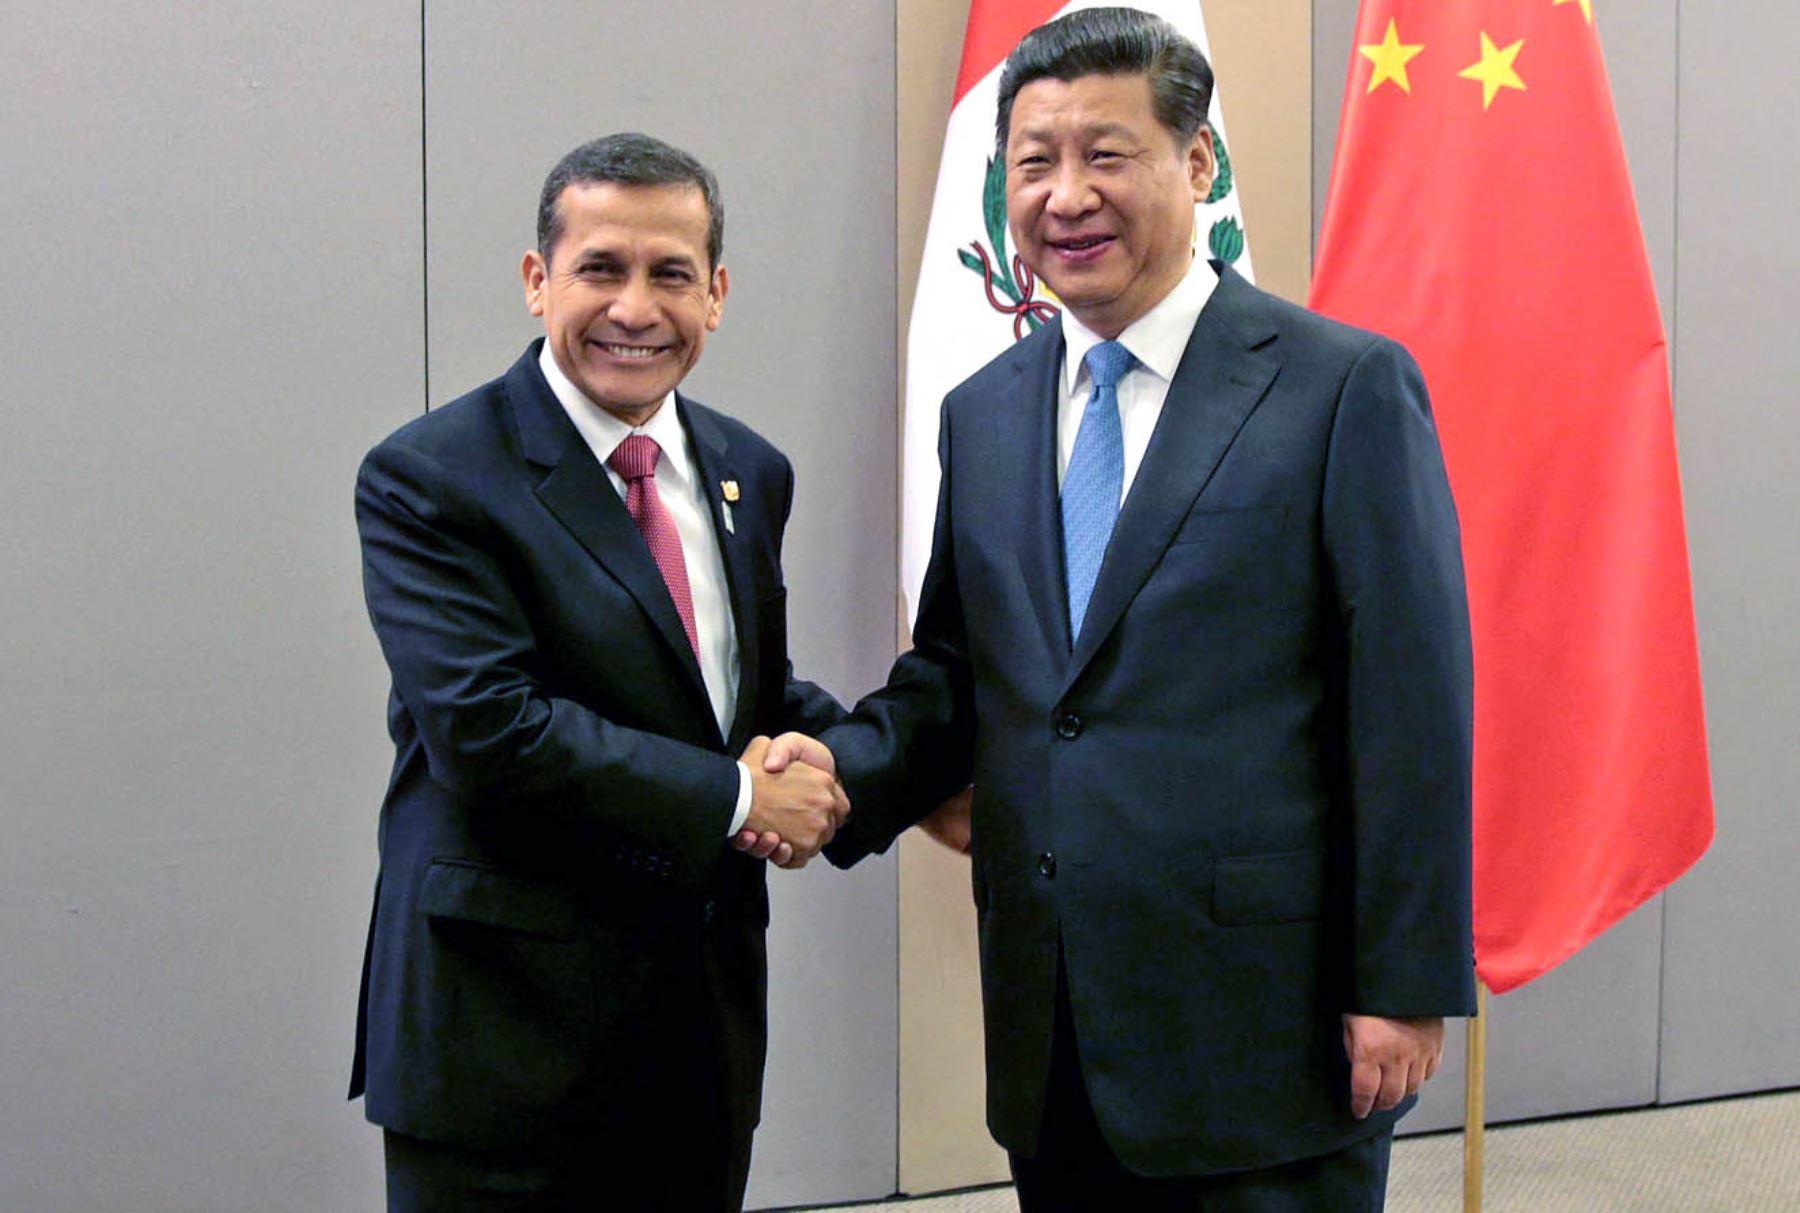 El Presidente peruano Ollanta Humala Tasso con su par de la República Popular China, Xi Jinping ANDINA/Prensa Presidencia